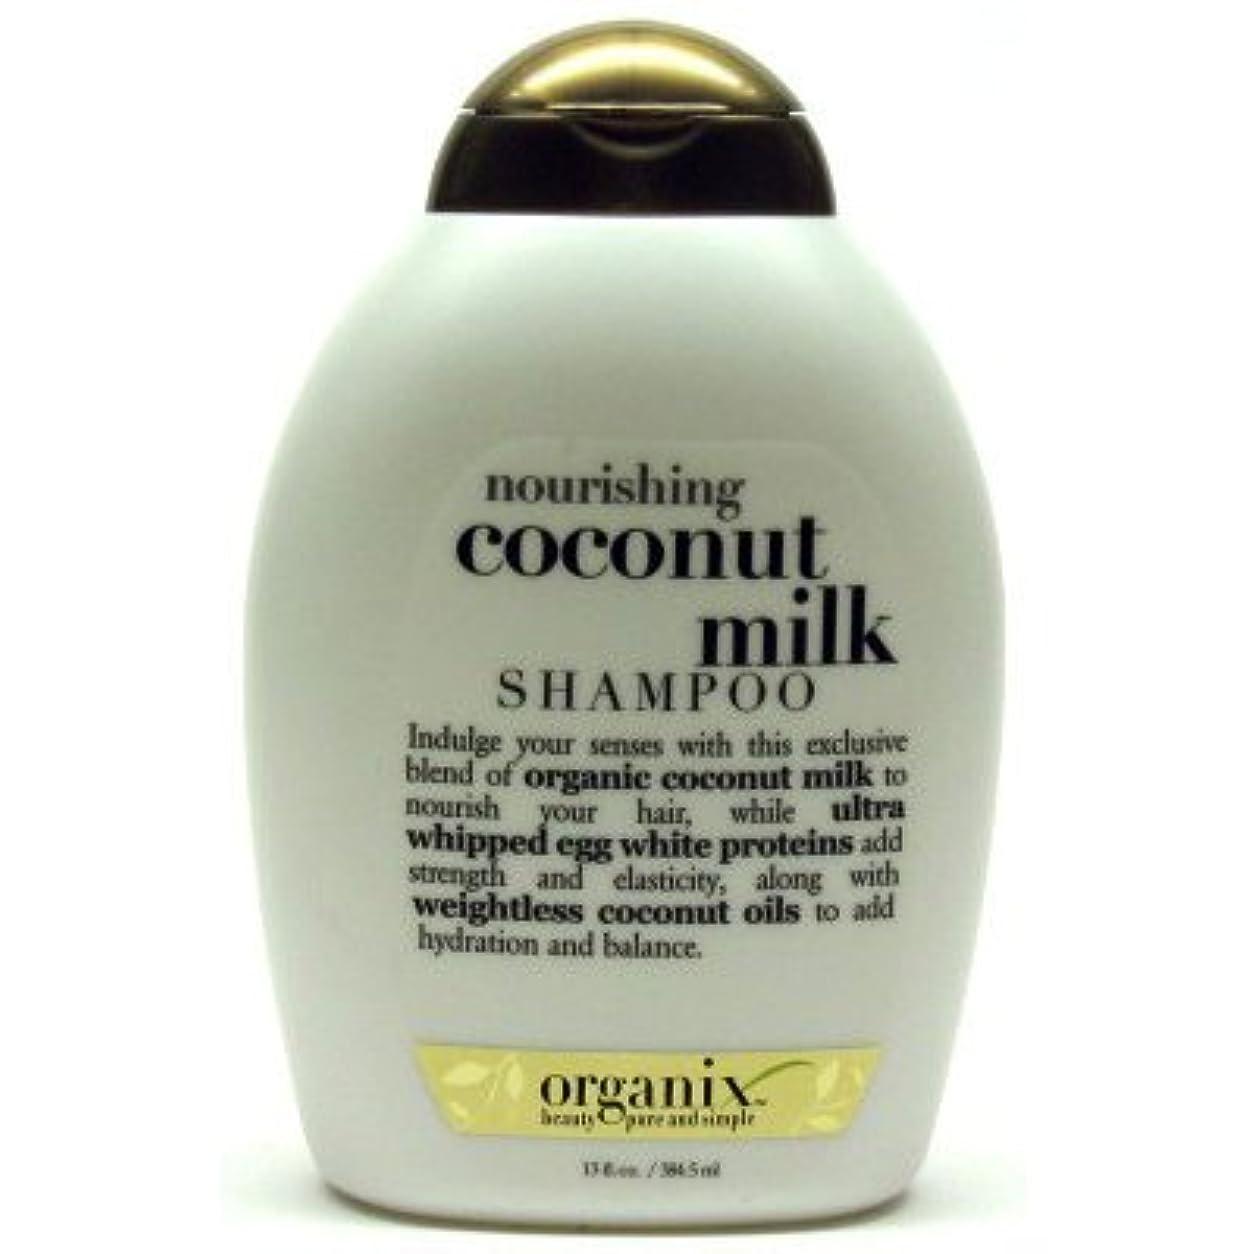 主張する薬局マニアック髪いきいきココナッツミルクシャンプー 384ml (並行輸入品)